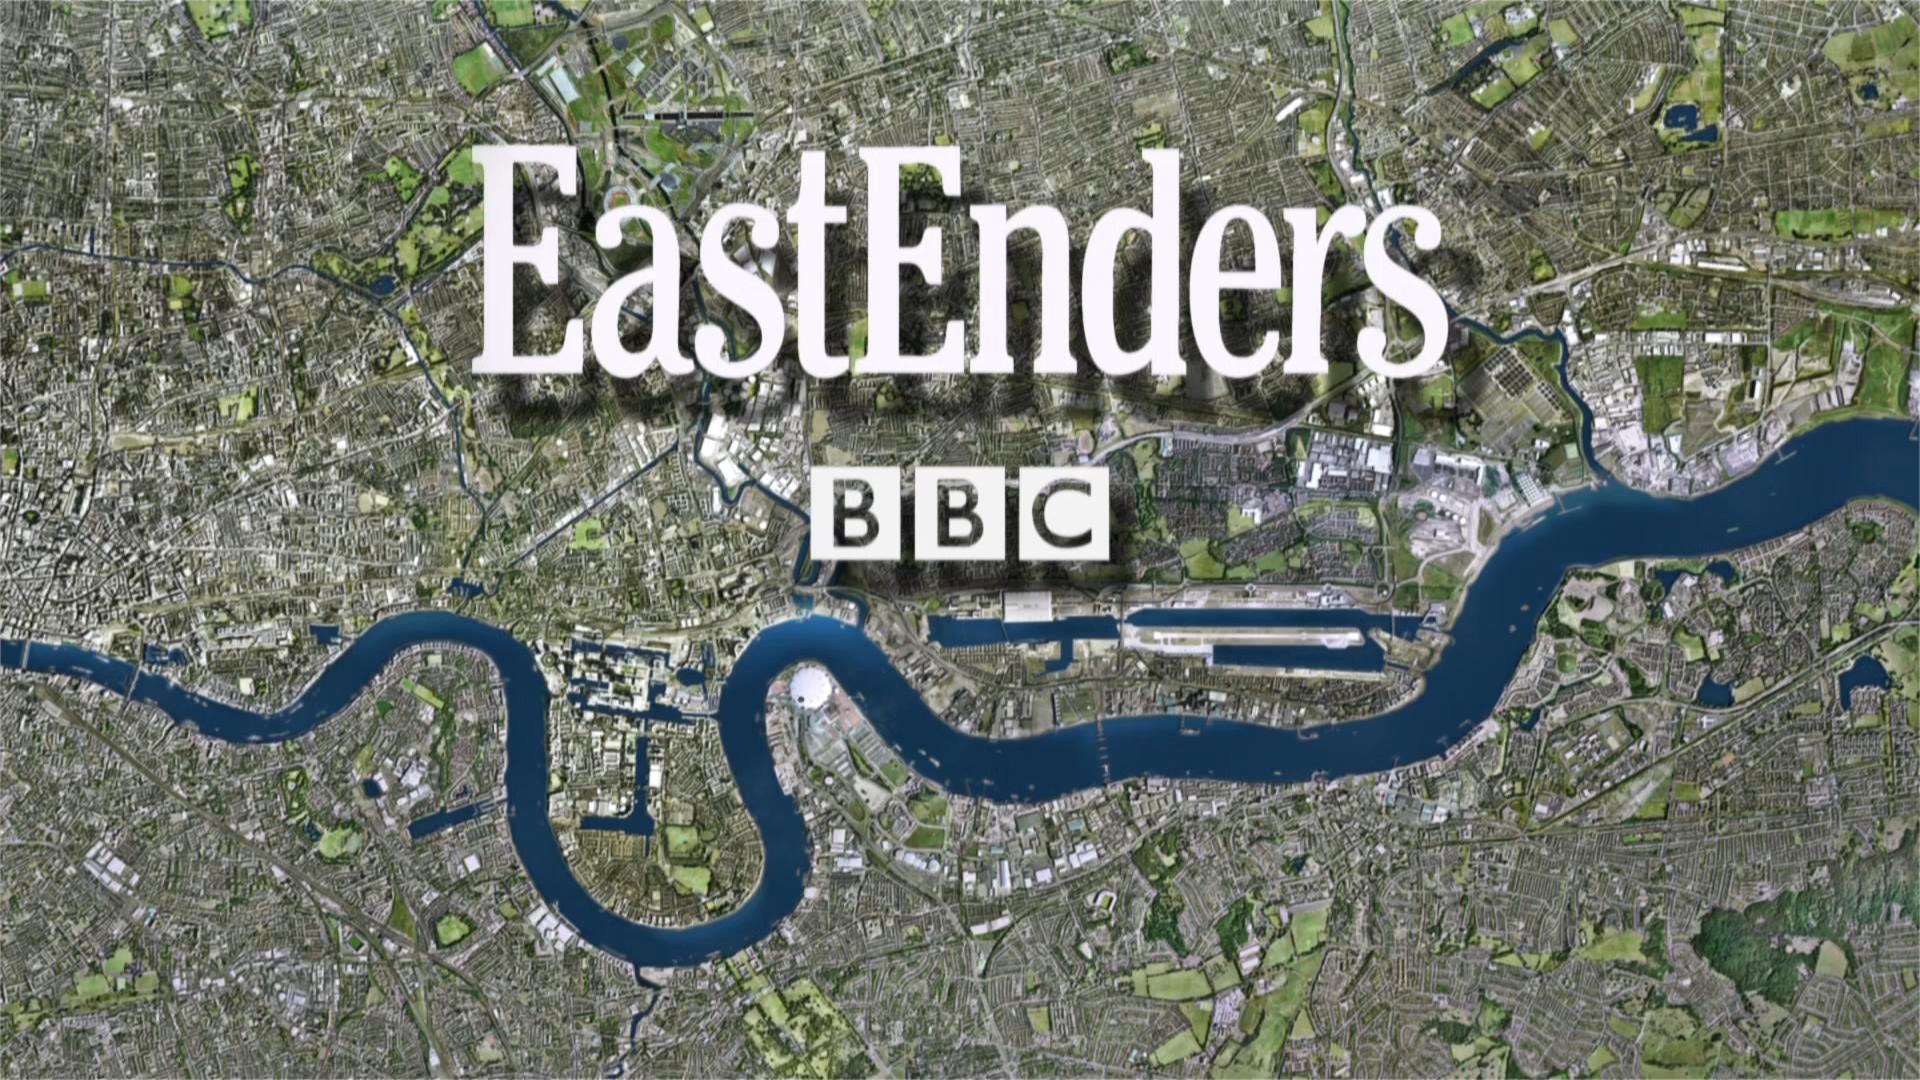 eastenders_titles_2012